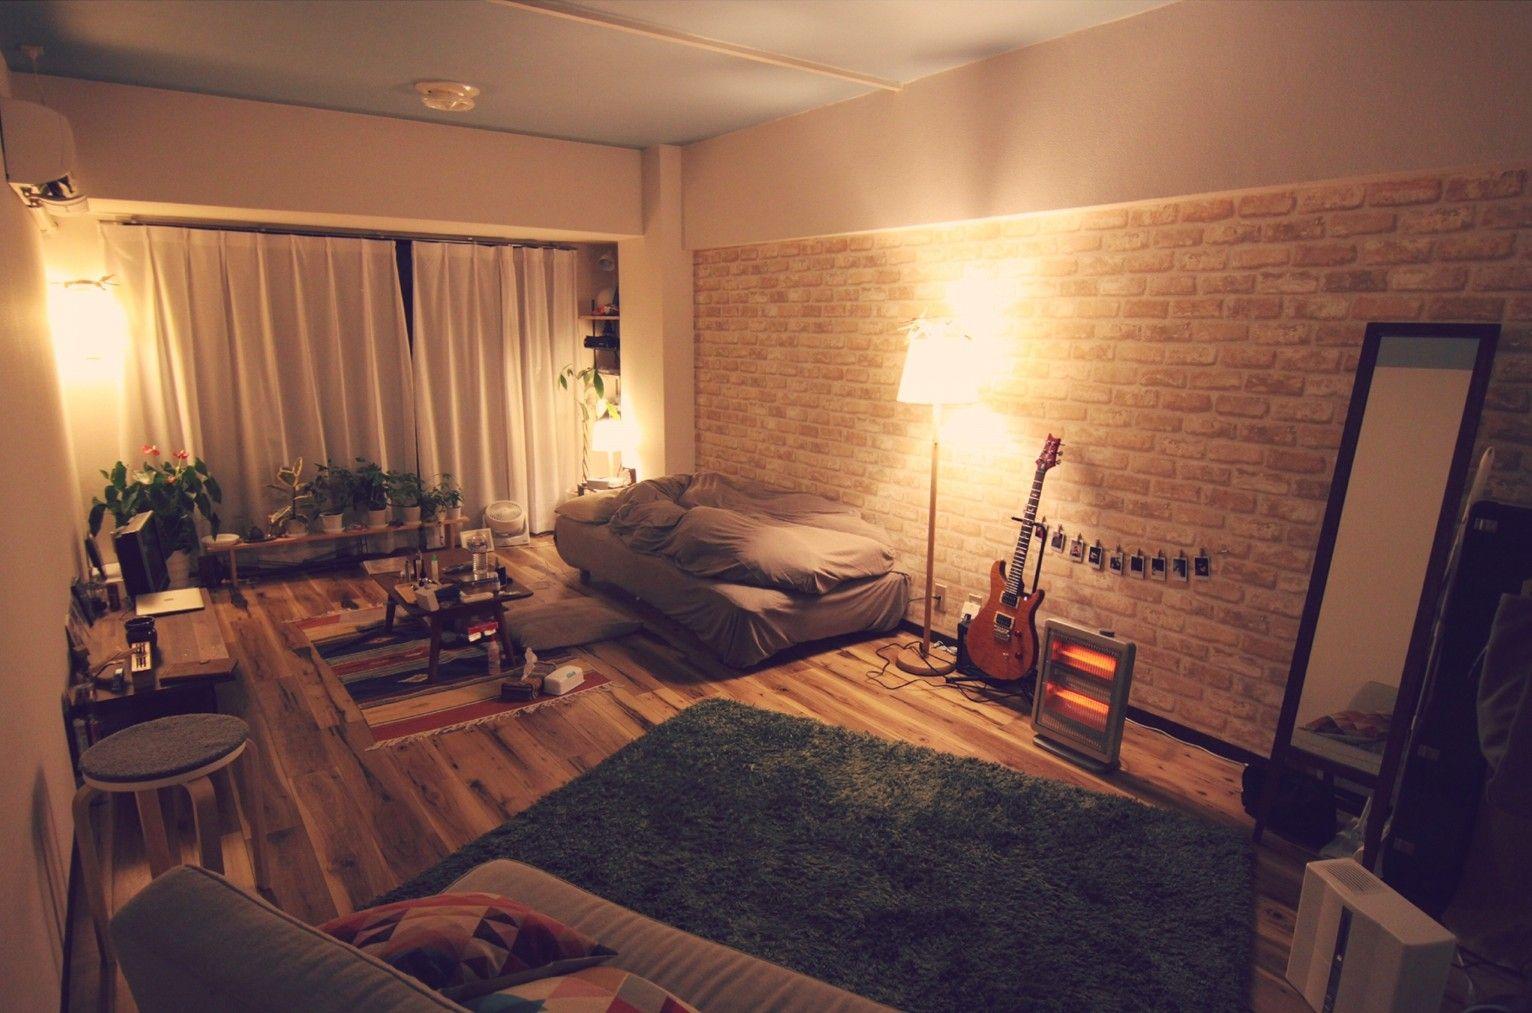 一人暮らしに役立つワンルームのインテリアコーディネート 10畳ワンルームで男のモダンインテリアコーディネート インテリアコーディネート 一人暮らし 部屋 インテリア ワンルーム インテリア